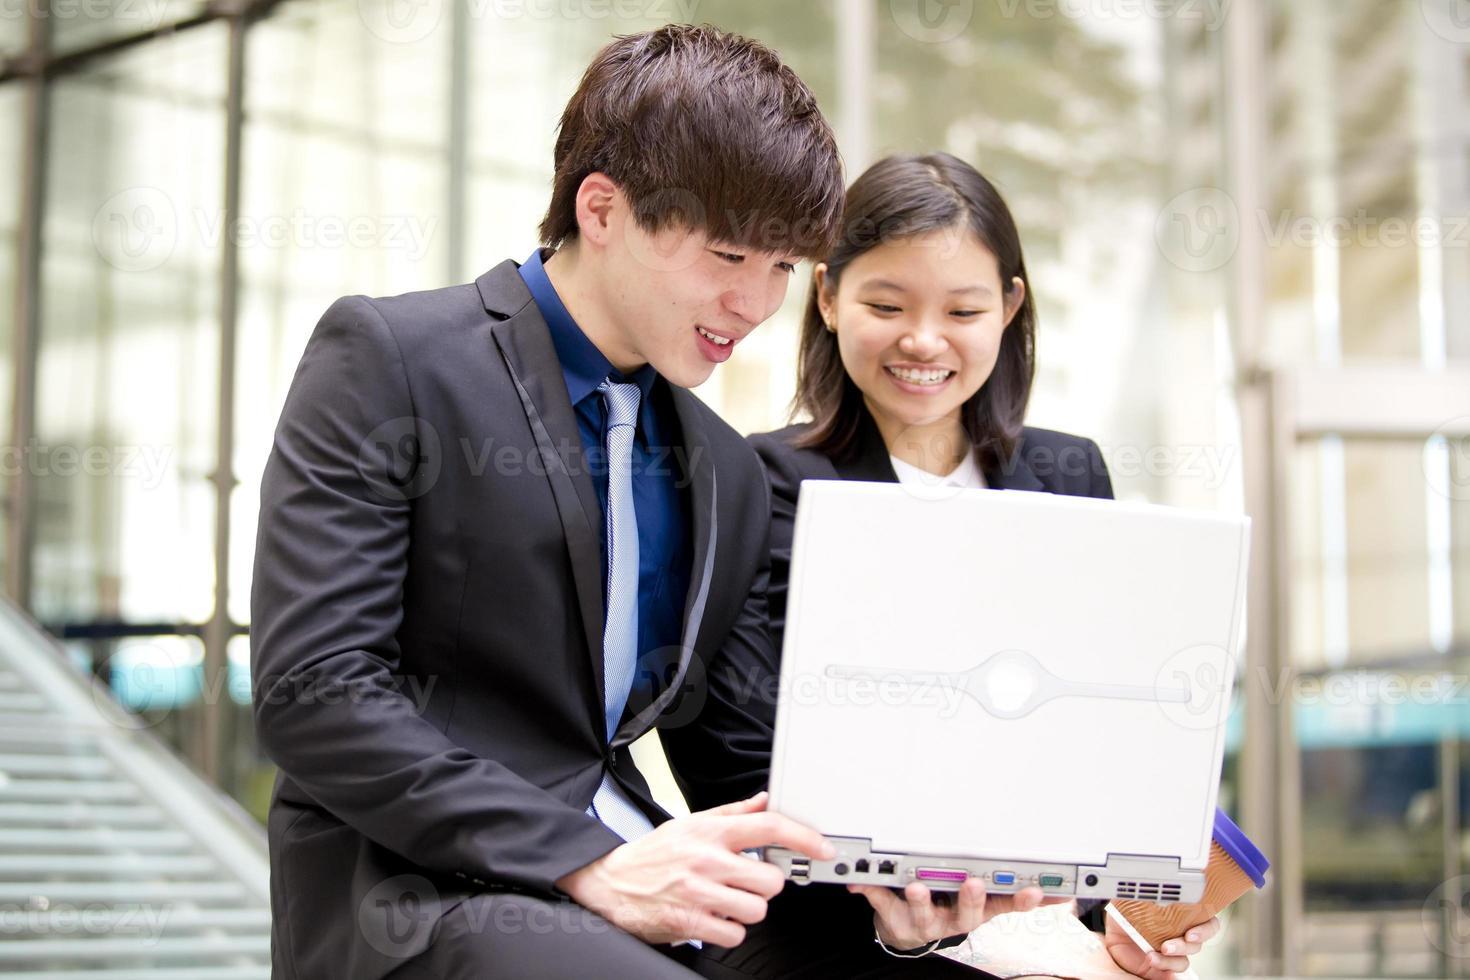 giovane uomo d'affari asiatico maschio e femmina con laptop foto